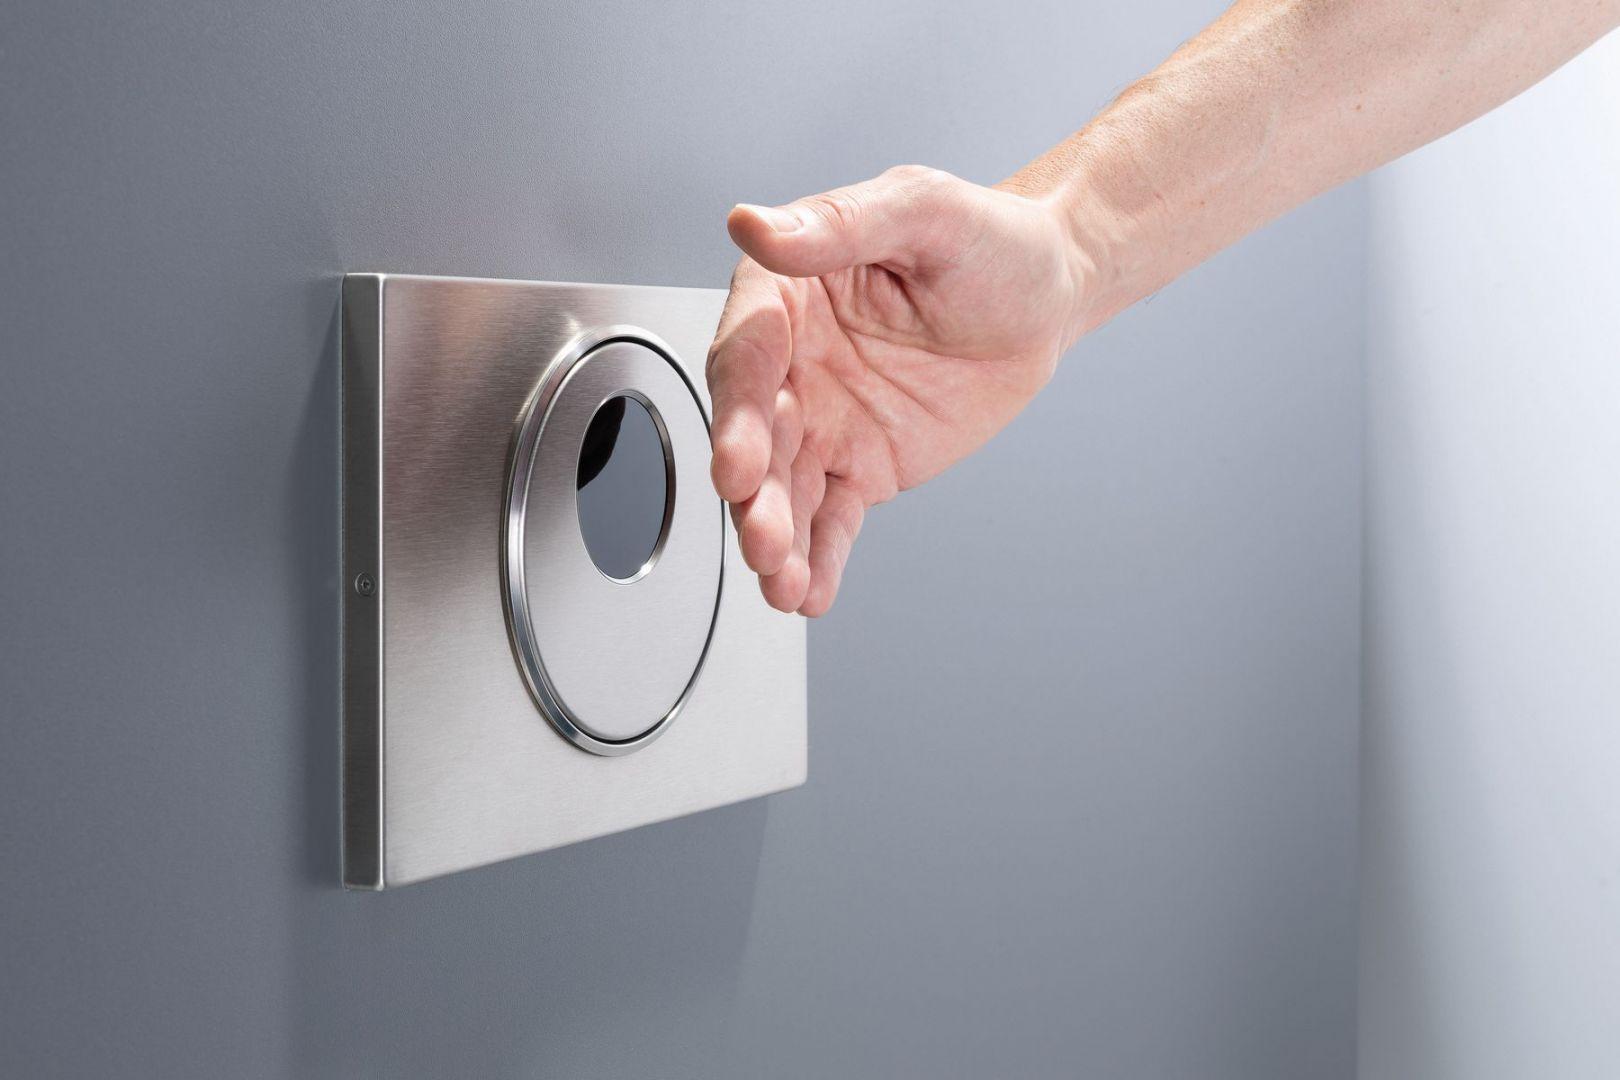 Nowoczesne, elektroniczne przyciski uruchamiające do WC Geberit Sigma10 i Sigma80 podniosą komfort i bezpieczeństwo każdej toalety. Fot. Geberit Sigma